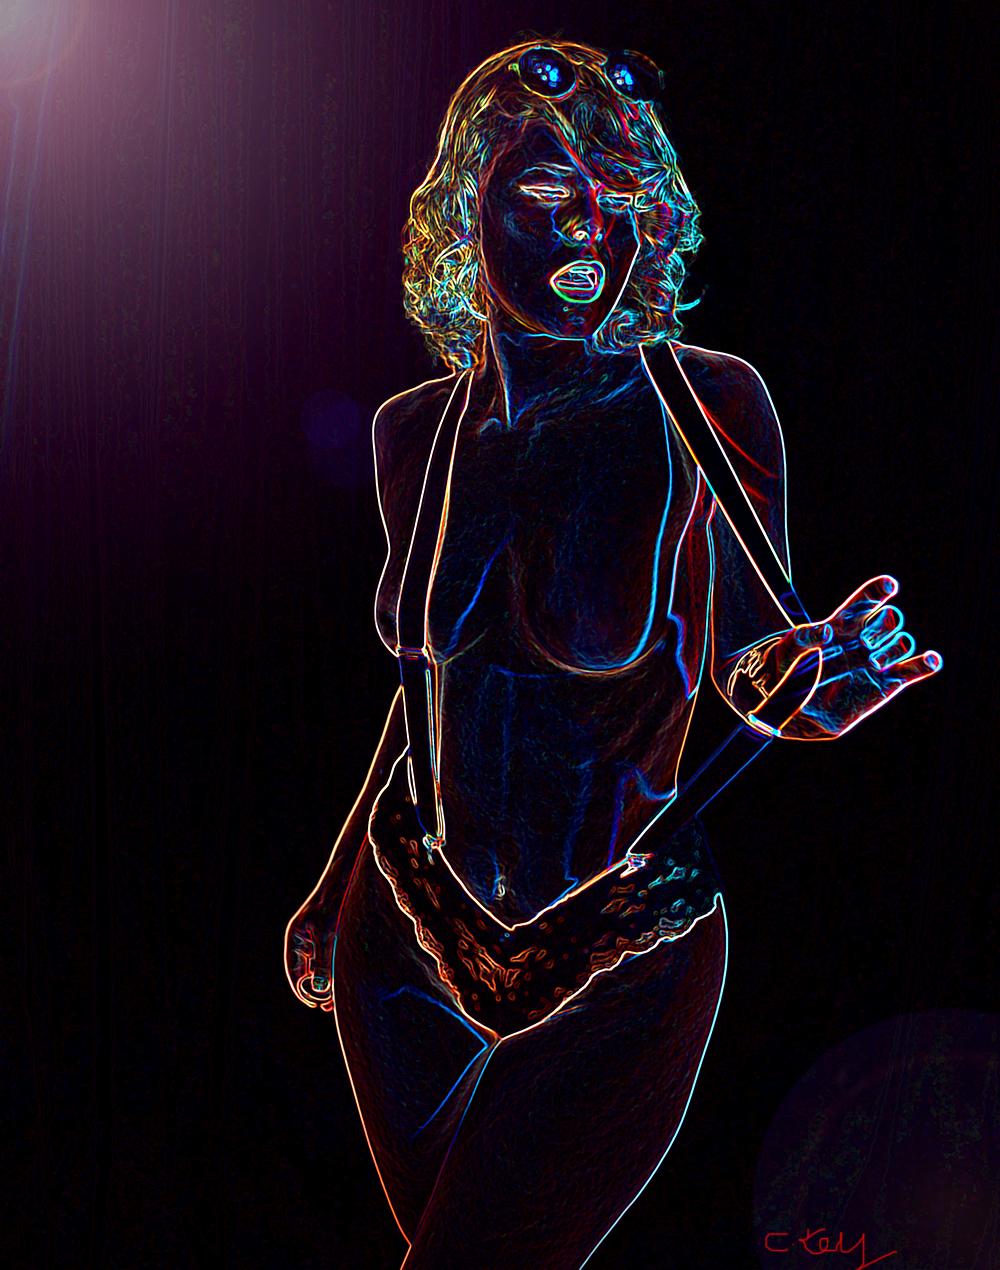 Selbstportrait Christina Key Foto gezeichnet